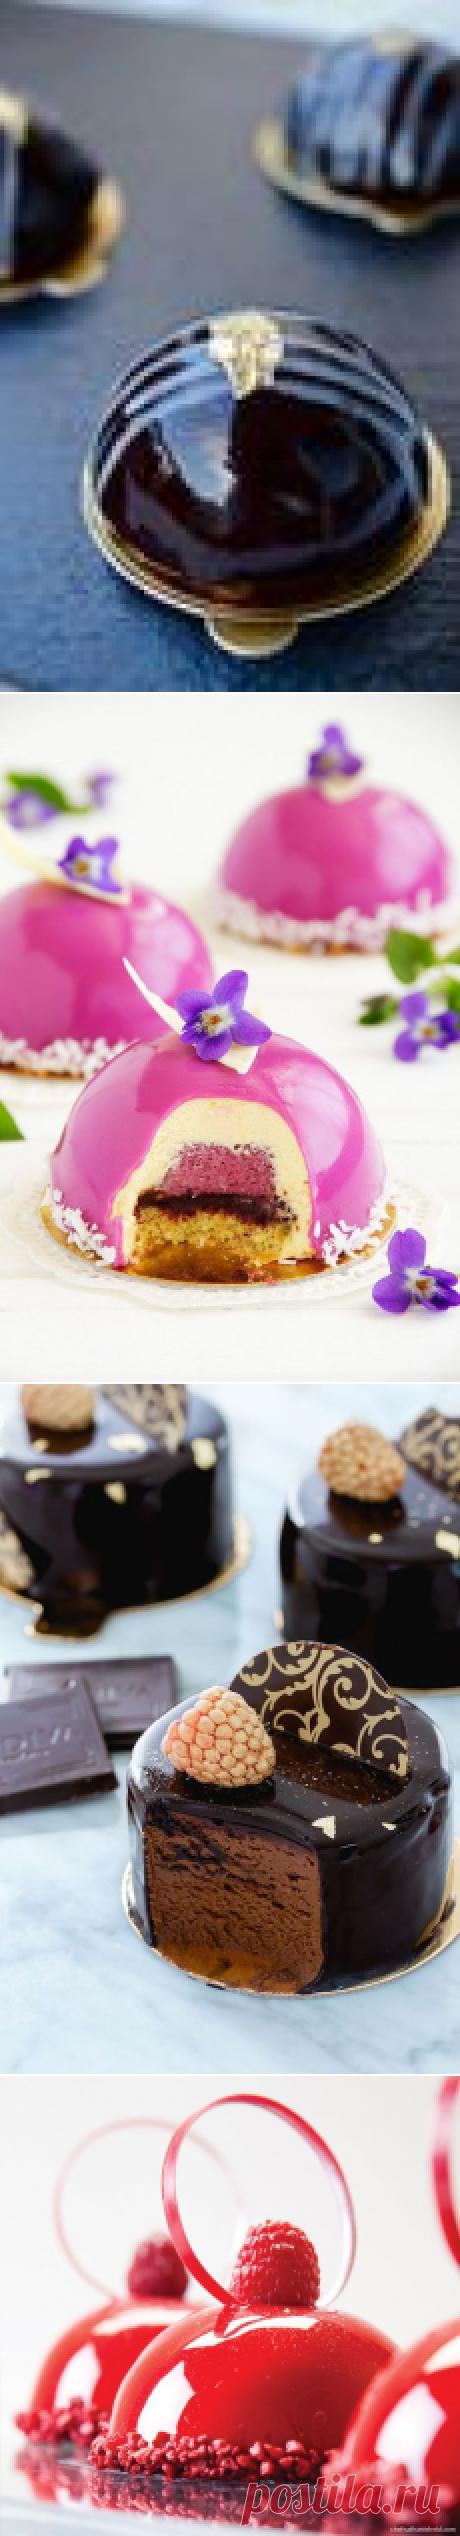 Рецепты зеркальной глазури - для вкусных и красивых тортов и пирожных.